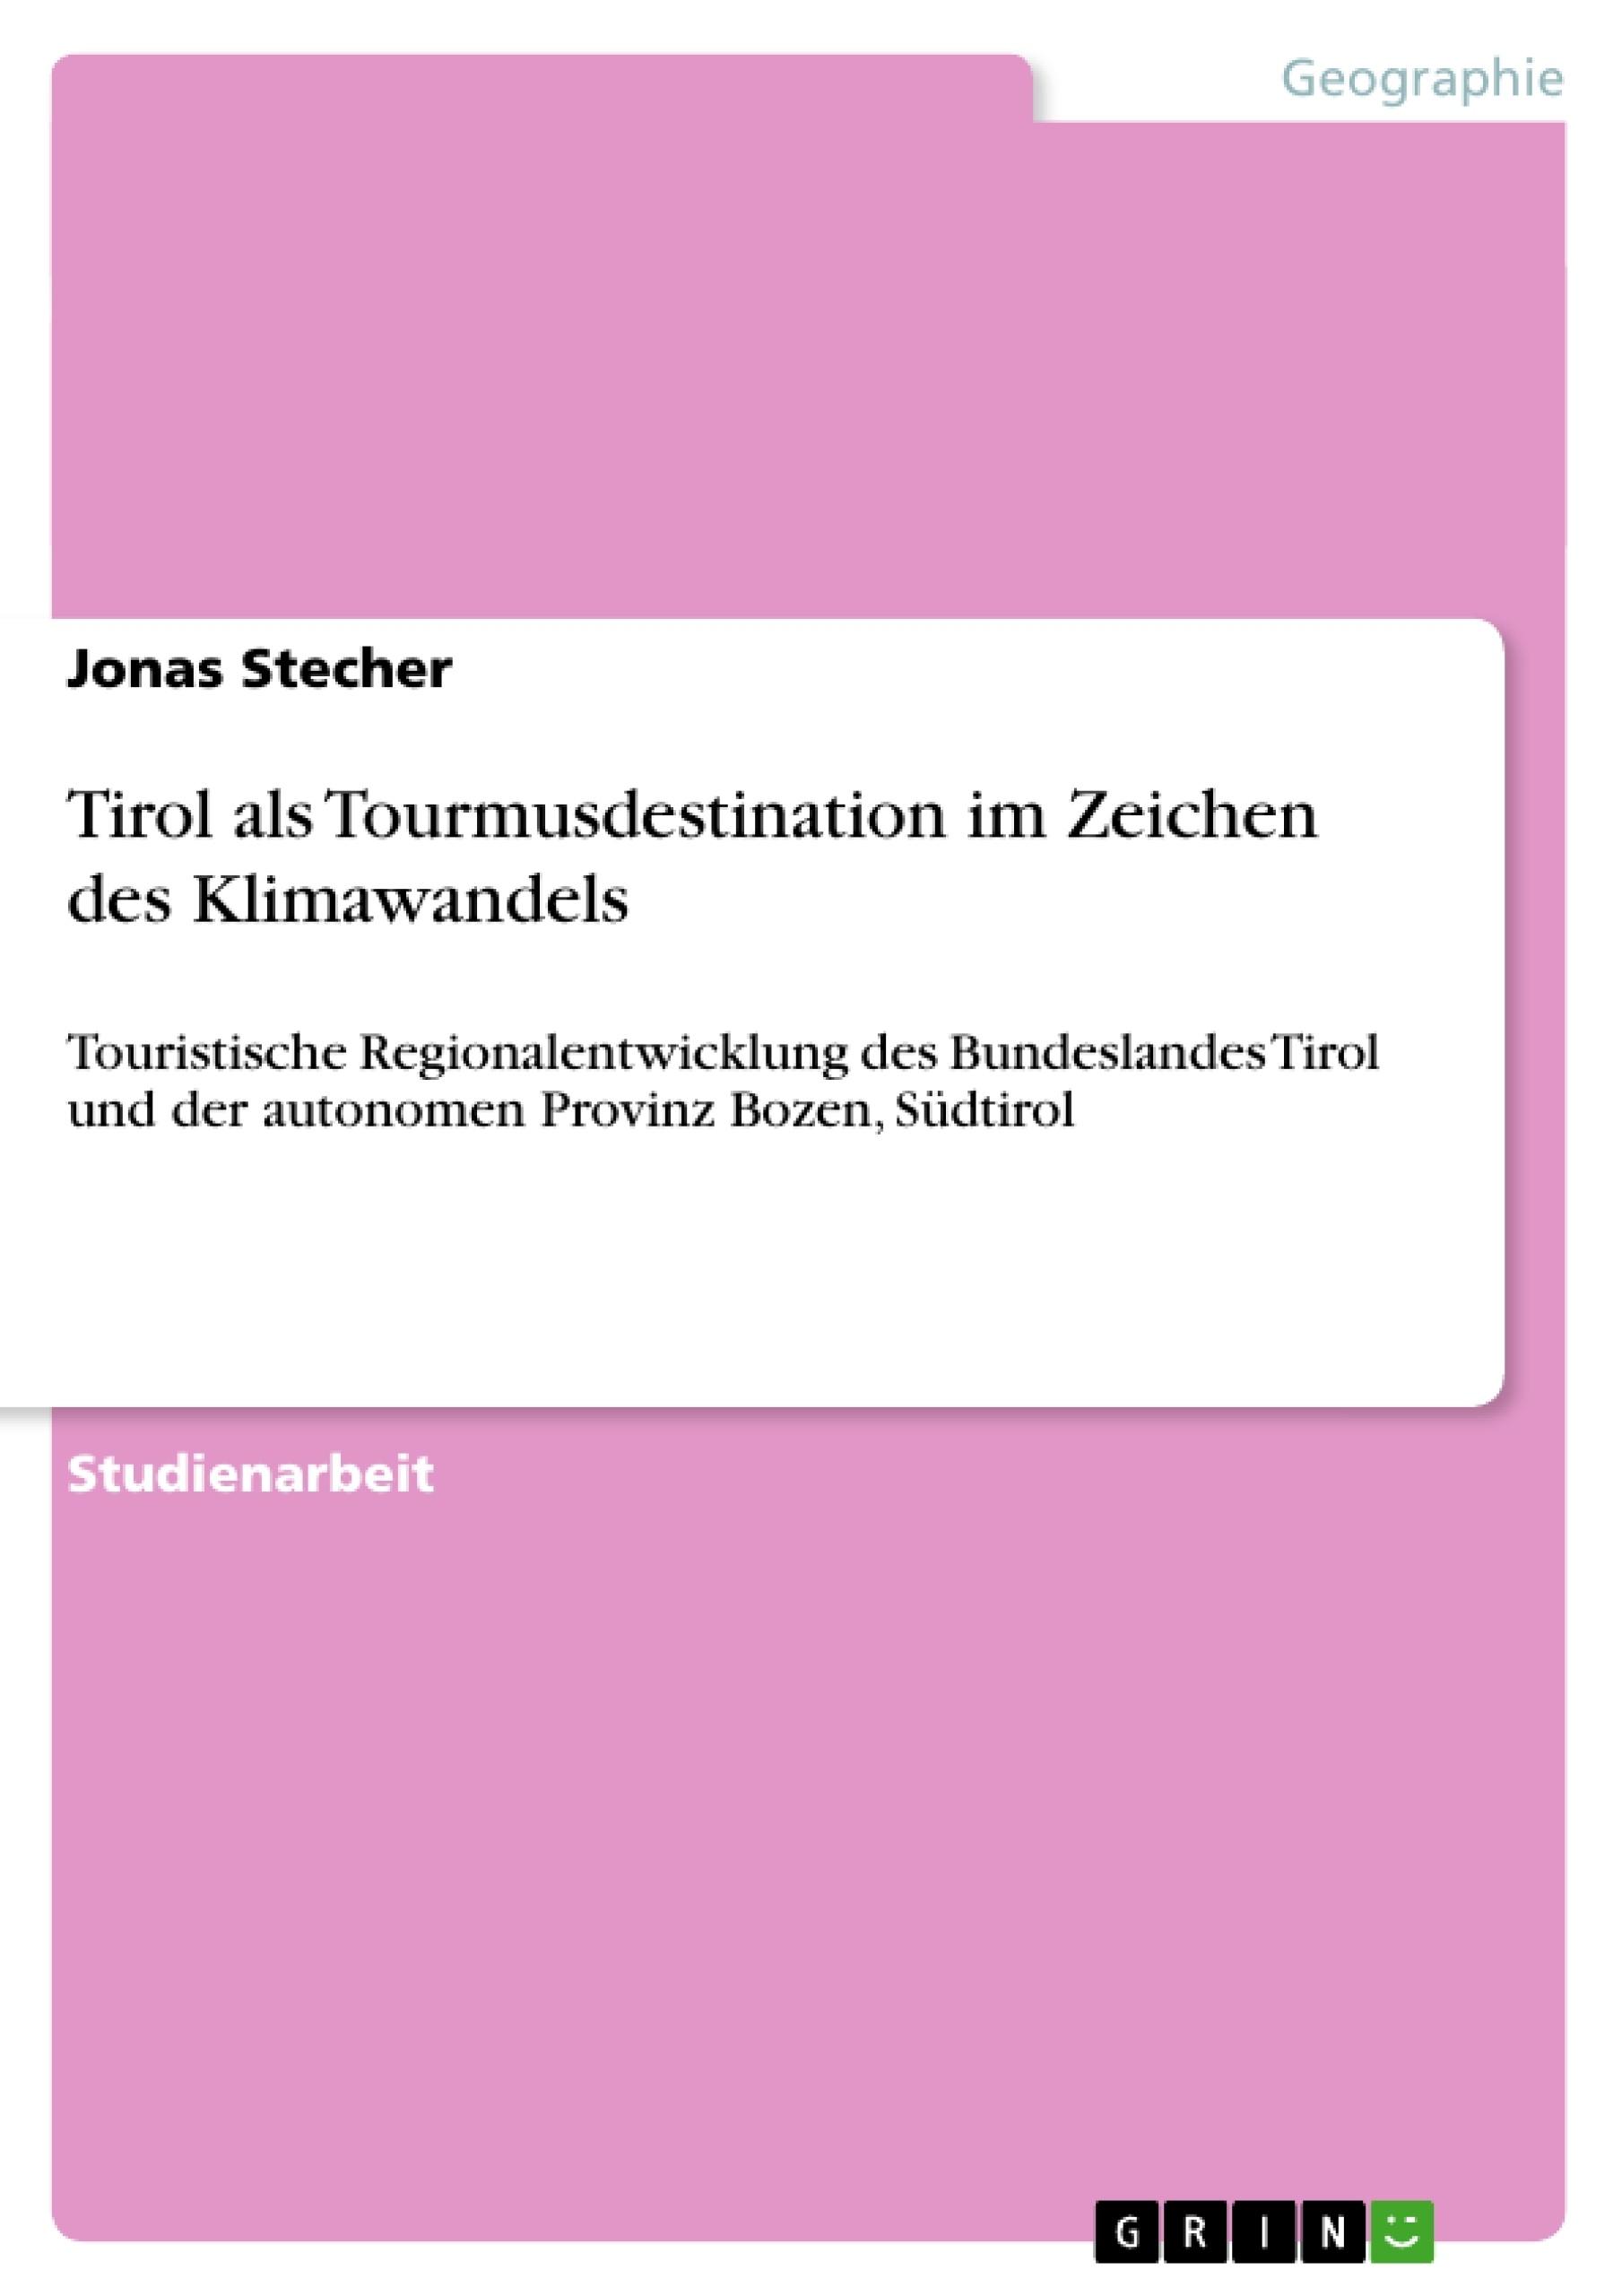 Titel: Tirol als Tourmusdestination im Zeichen des Klimawandels